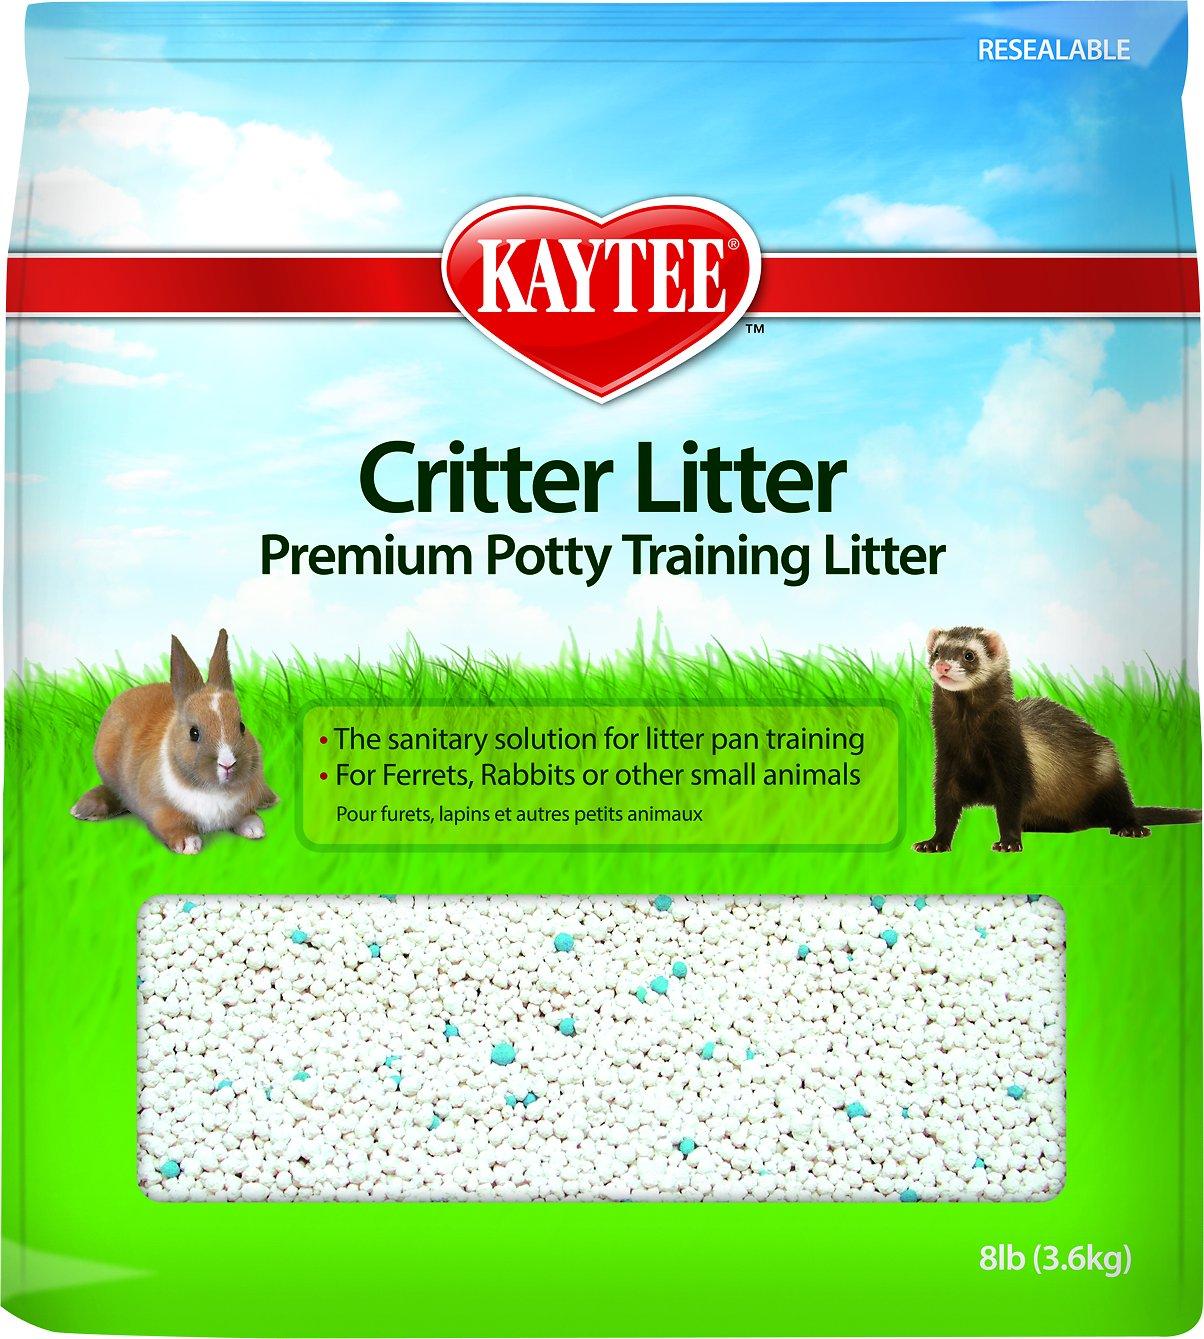 Kaytee Critter Litter Premium Potty Training Small Animal Litter, 8-lb bag Image